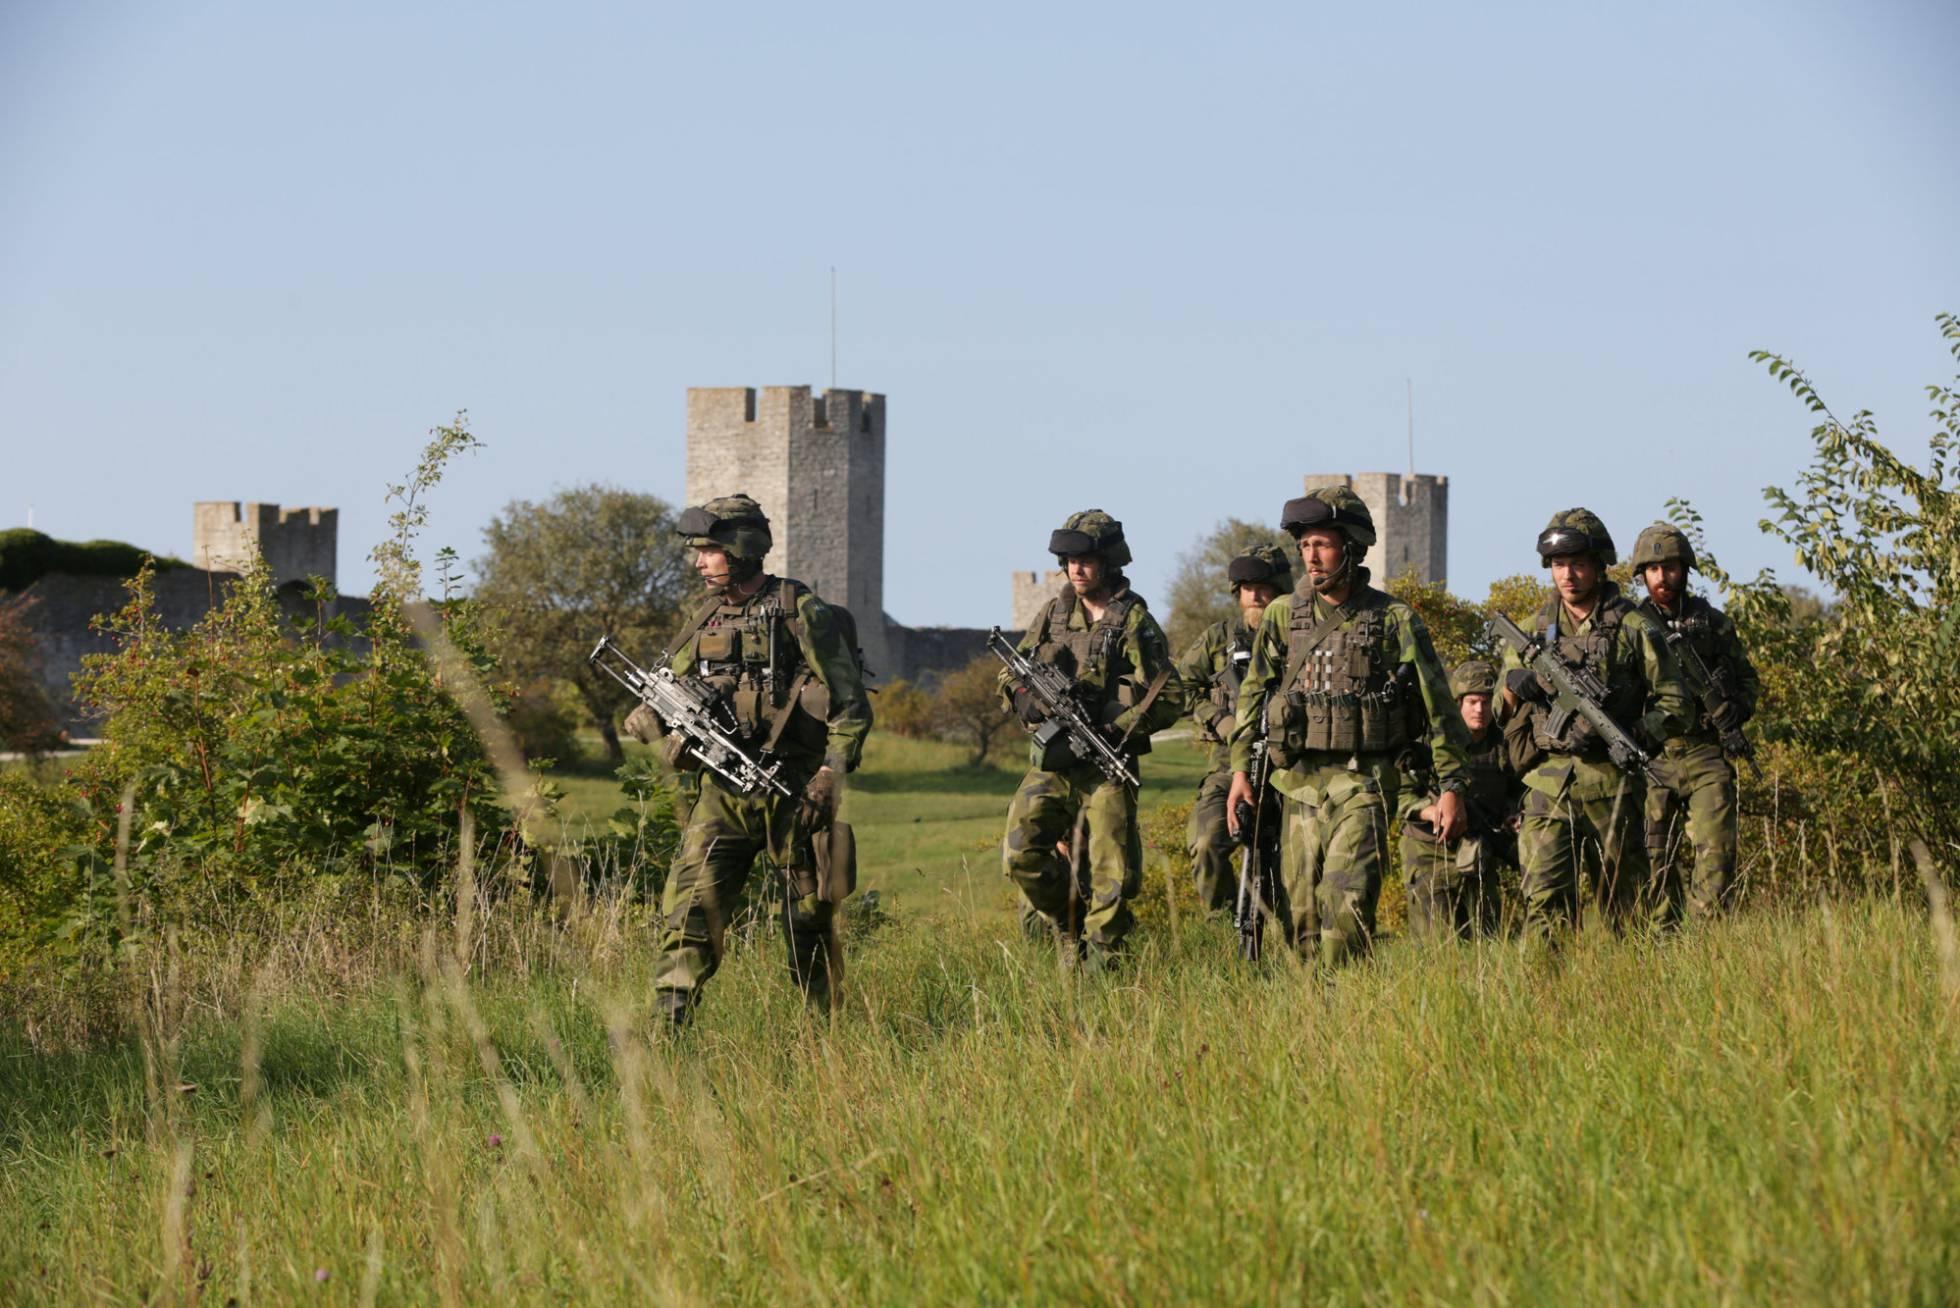 militar - Los países nórdicos estrechan su cooperación militar frente a Rusia - Página 2 1488460140_316724_1488461868_noticia_normal_recorte1